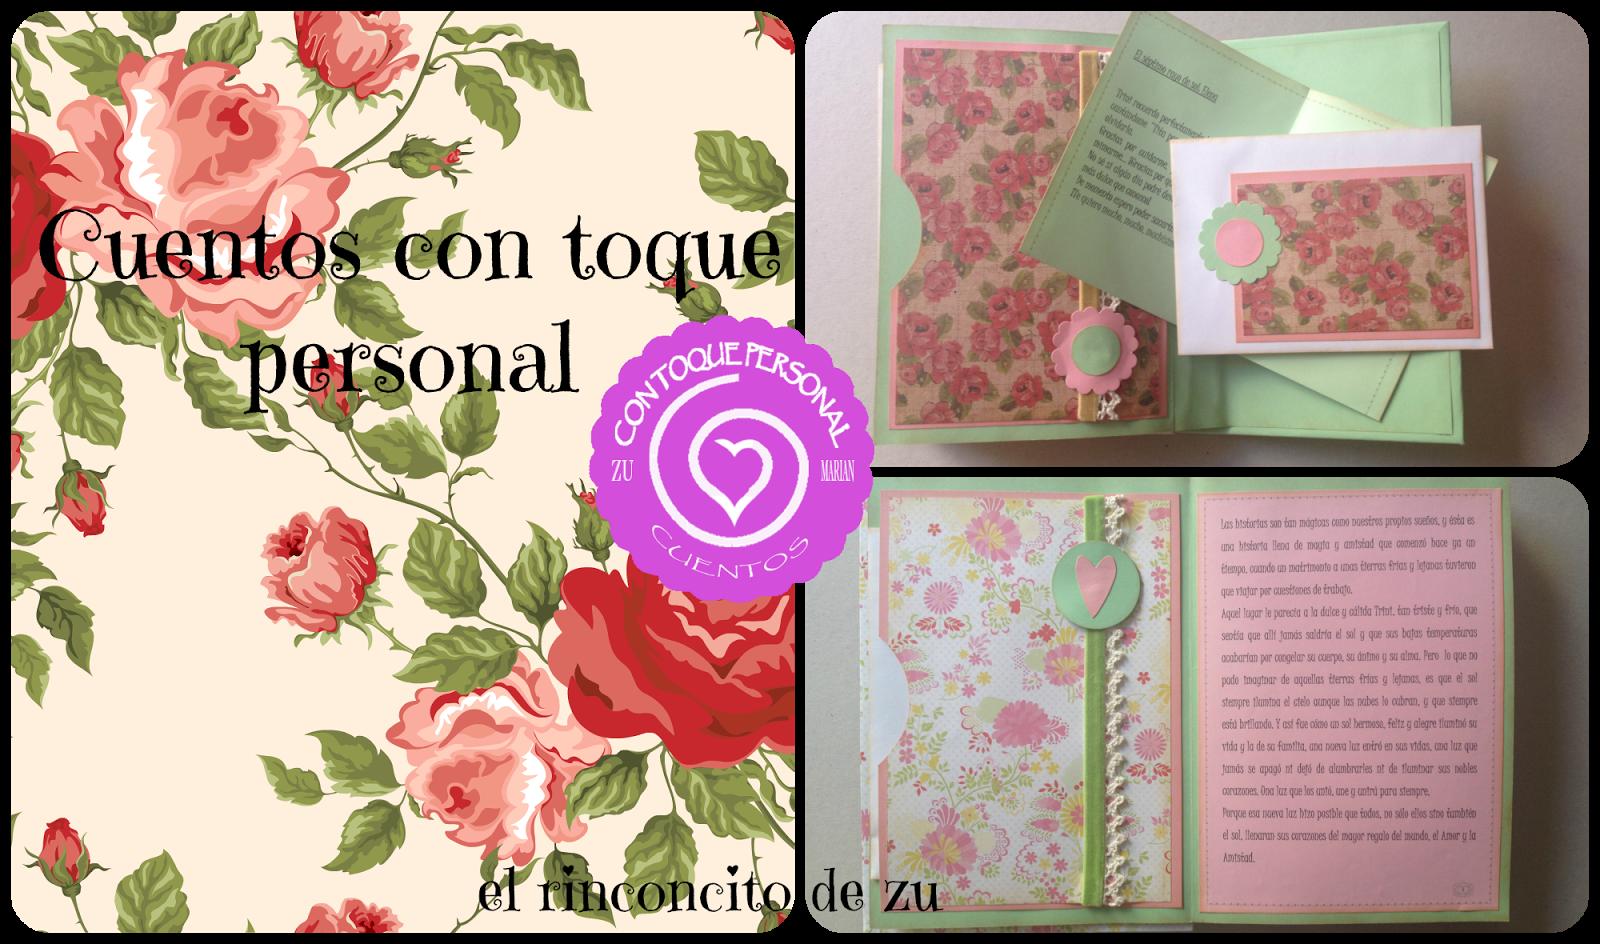 http://cuentoscontoquepersonal.blogspot.com.es/2015/04/la-magia-de-la-amistad.html